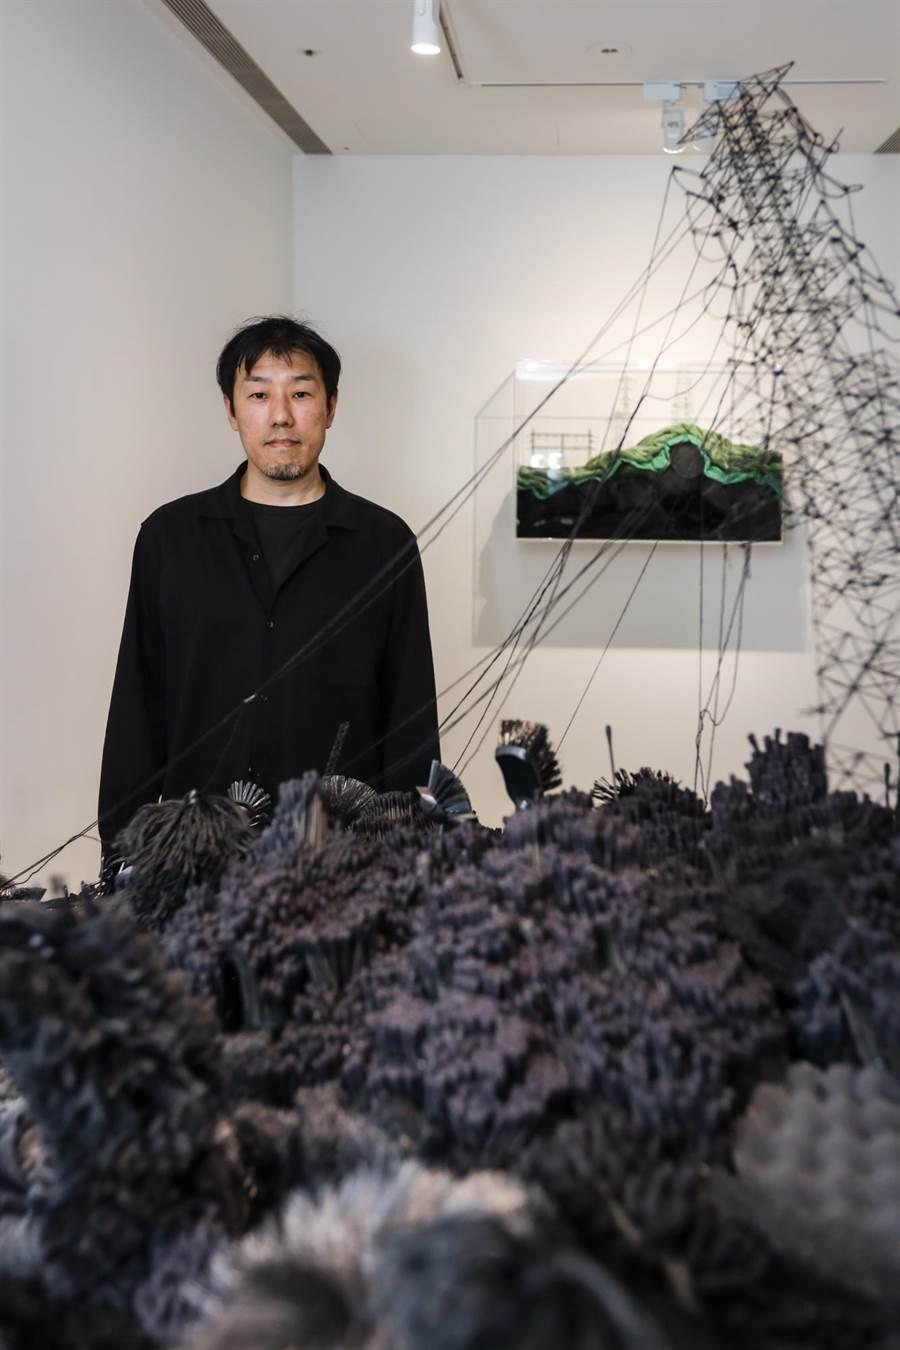 來自日本廣島的藝術家岩崎貴宏以福島核災為題,運用日常物品反思人類欲望。(忠泰美術館提供/李怡芸台北傳真)